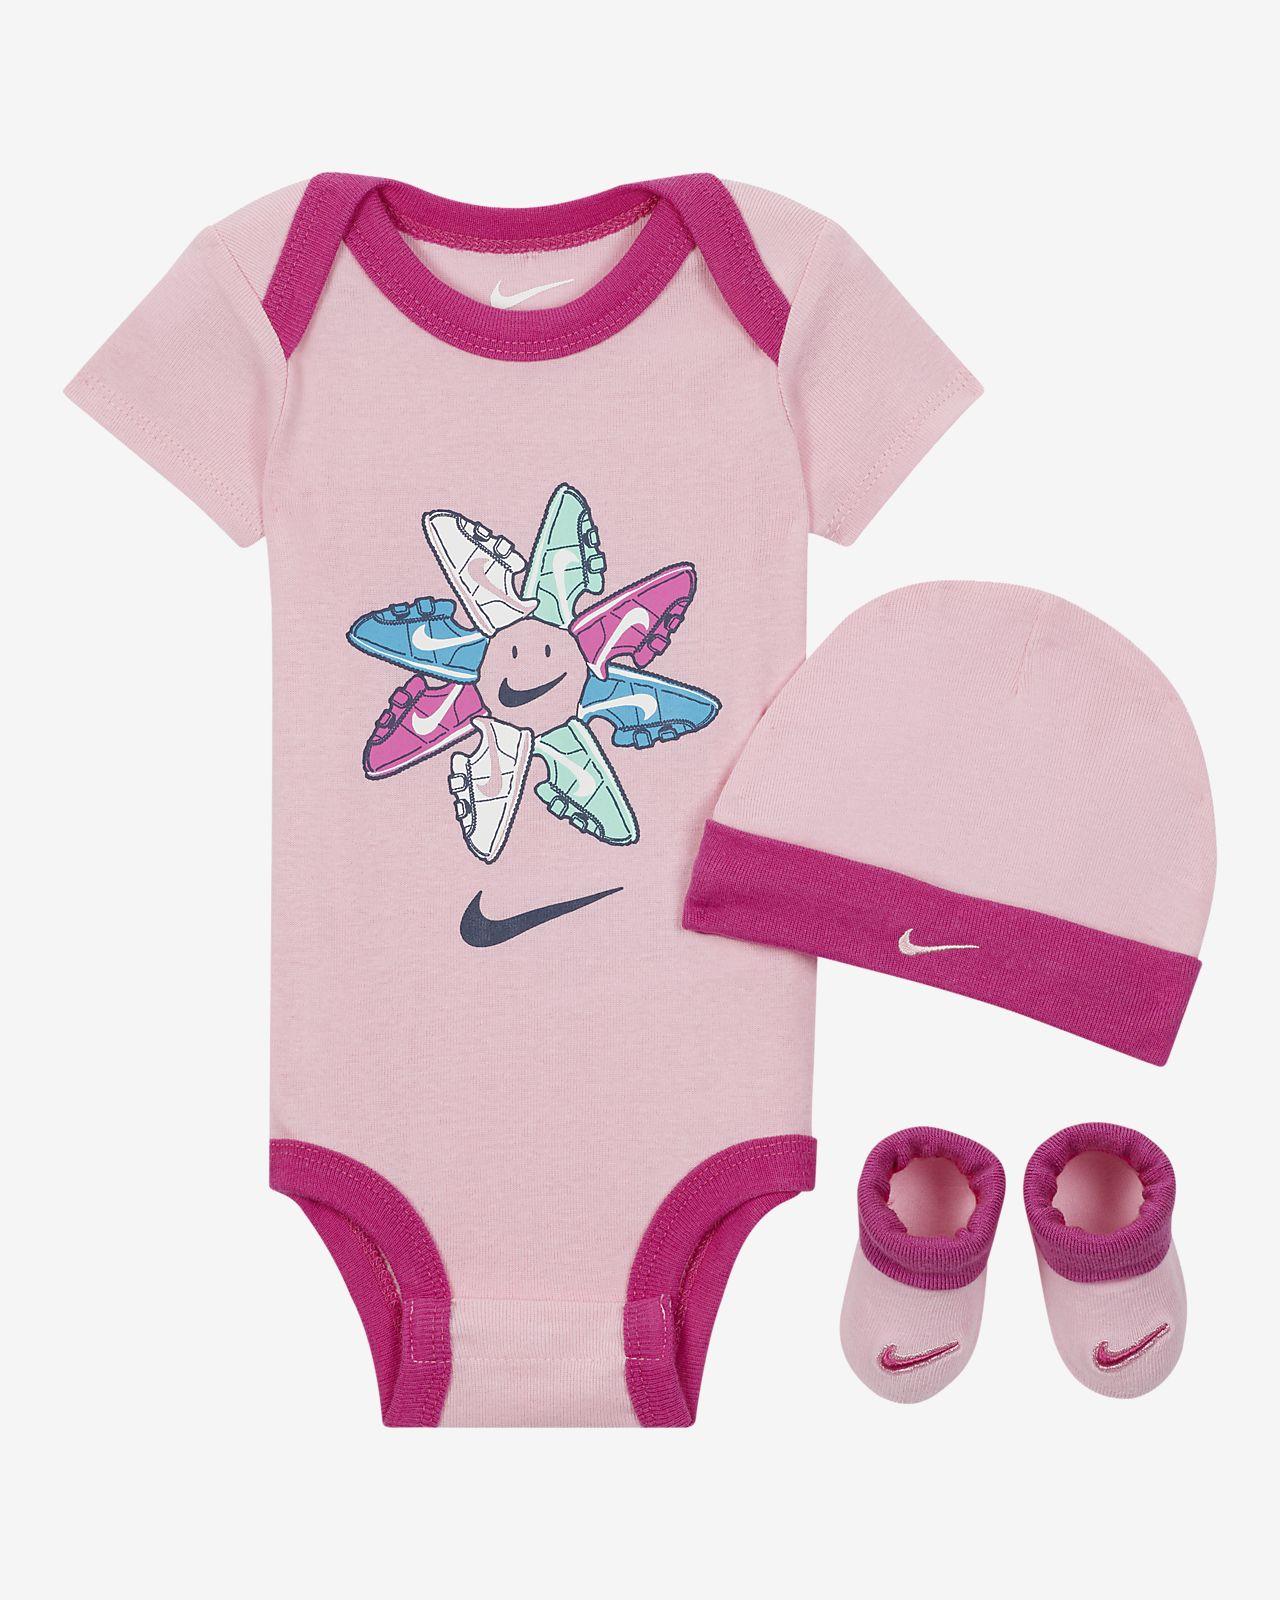 Nike Babyset met rompertje, beanie en booties